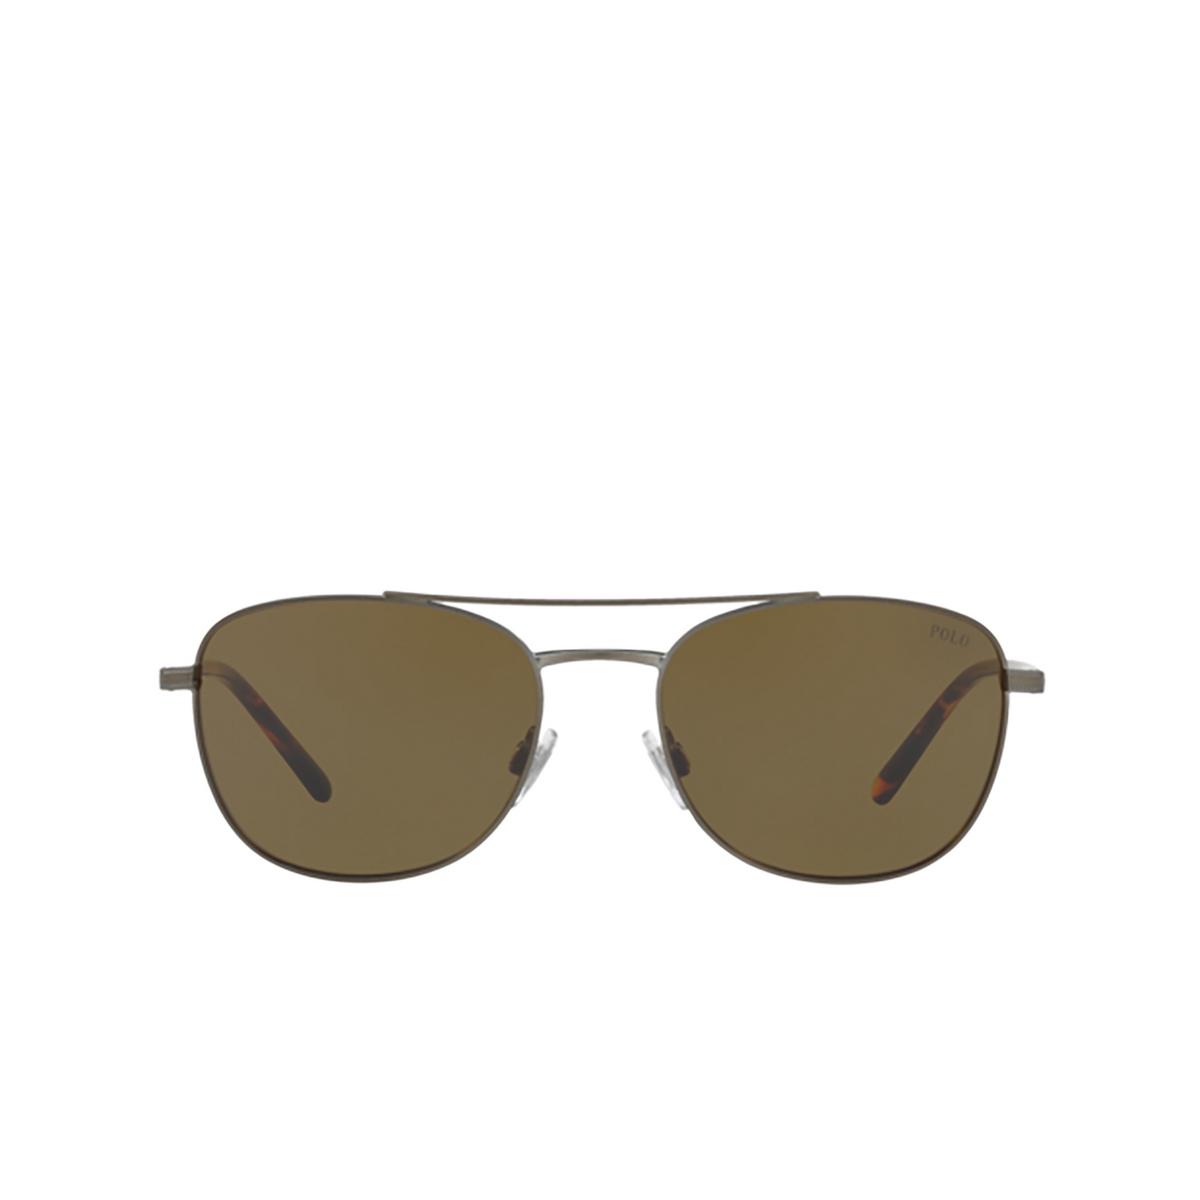 Polo Ralph Lauren® Square Sunglasses: PH3107 color 932773.